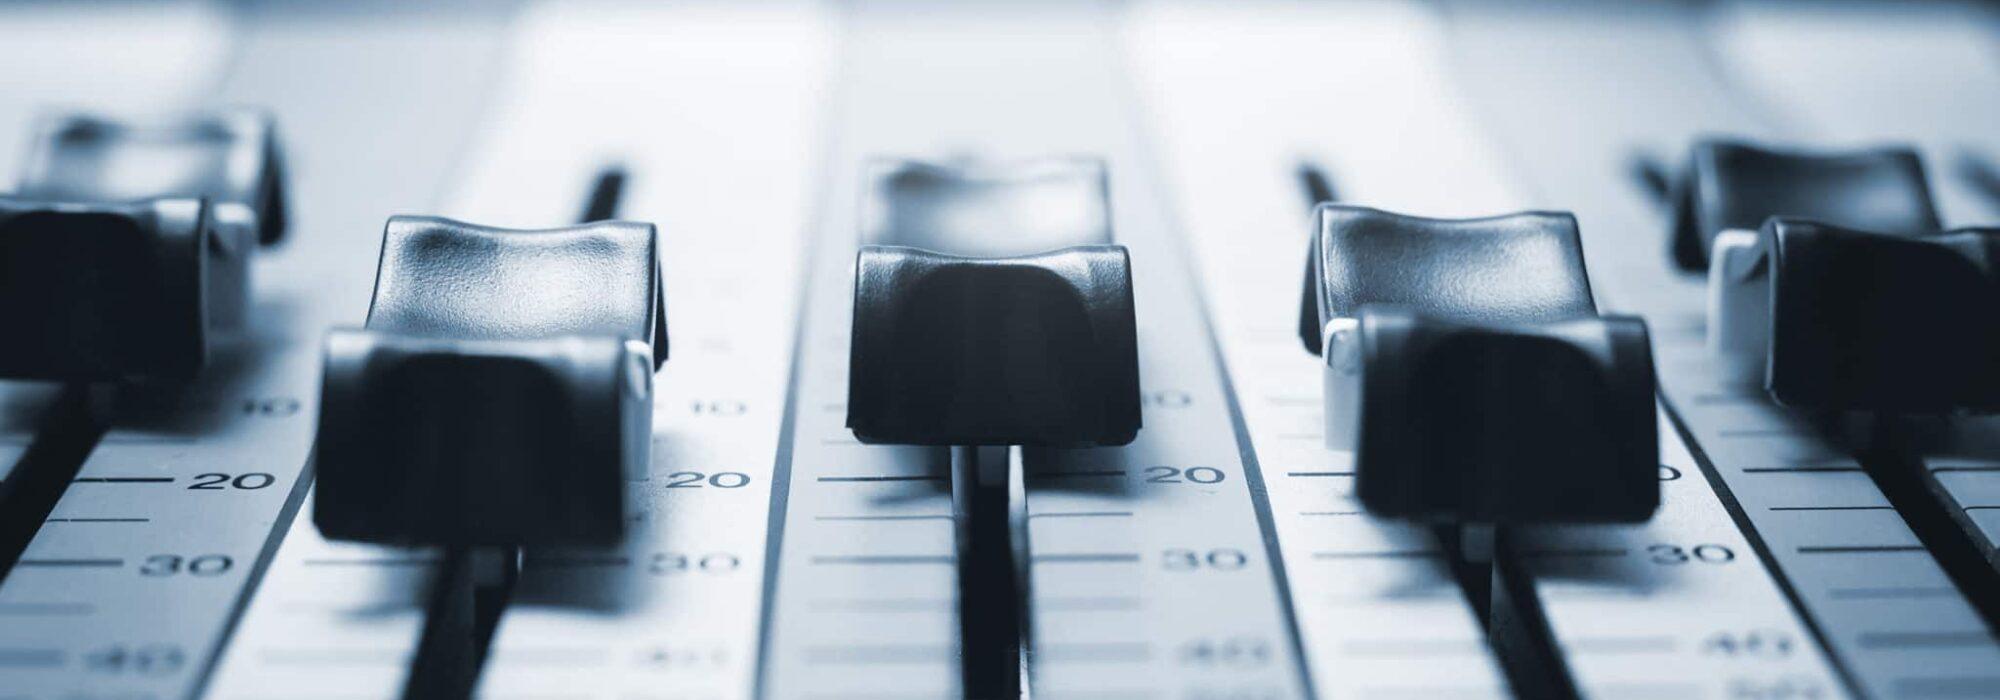 """Wie es die kommerzielle Ausrichtung der Musikveredelung übertreibt, um gezielt mehr """"Gehör"""" zu finden."""